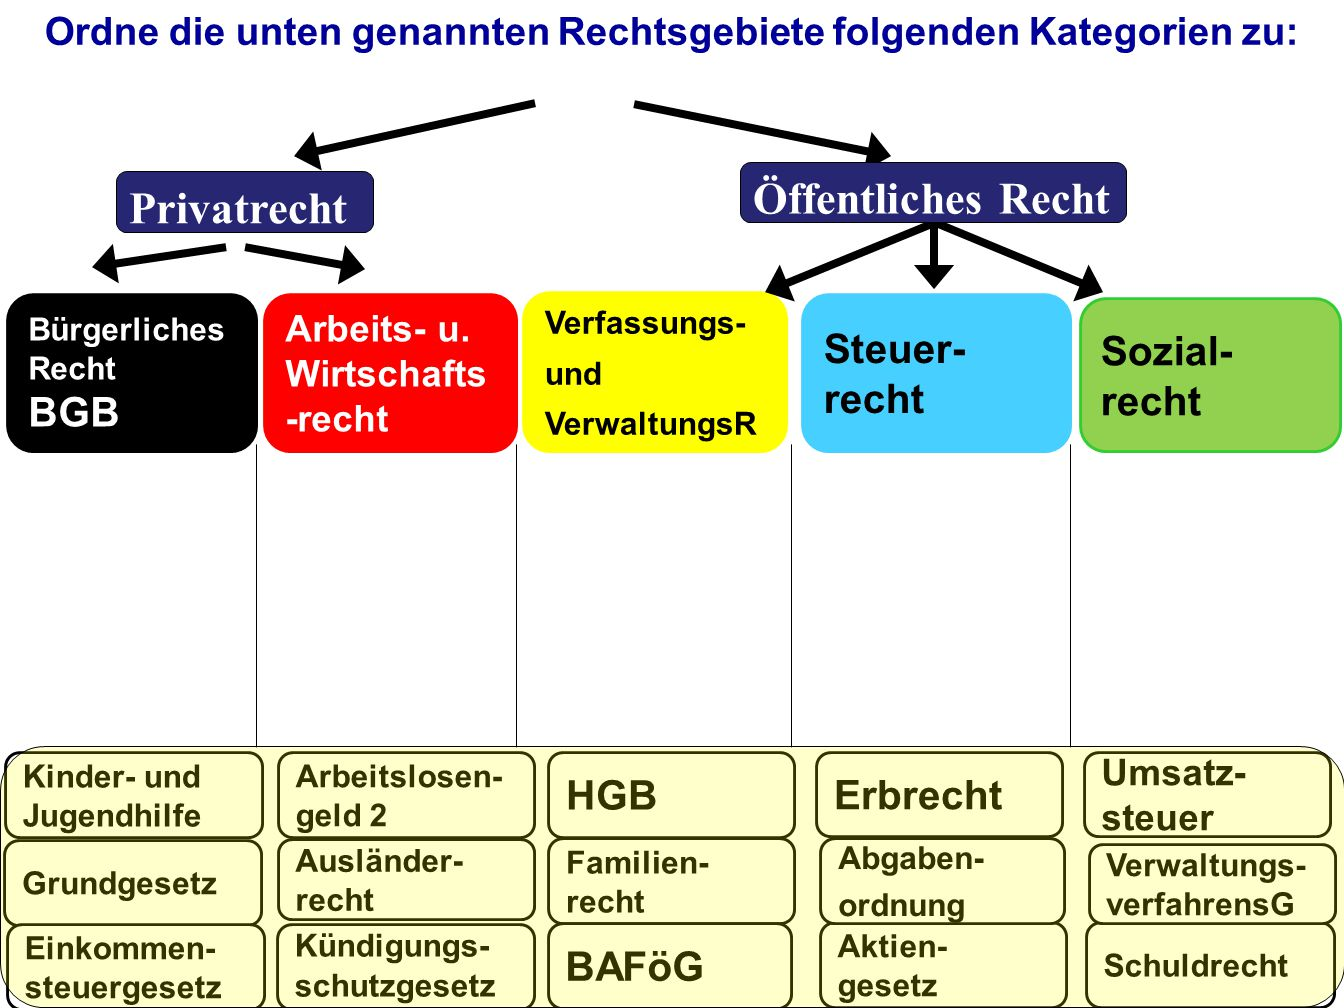 Mangelfallberechnung nach Düsseldorfer Tabelle (C.) 1.